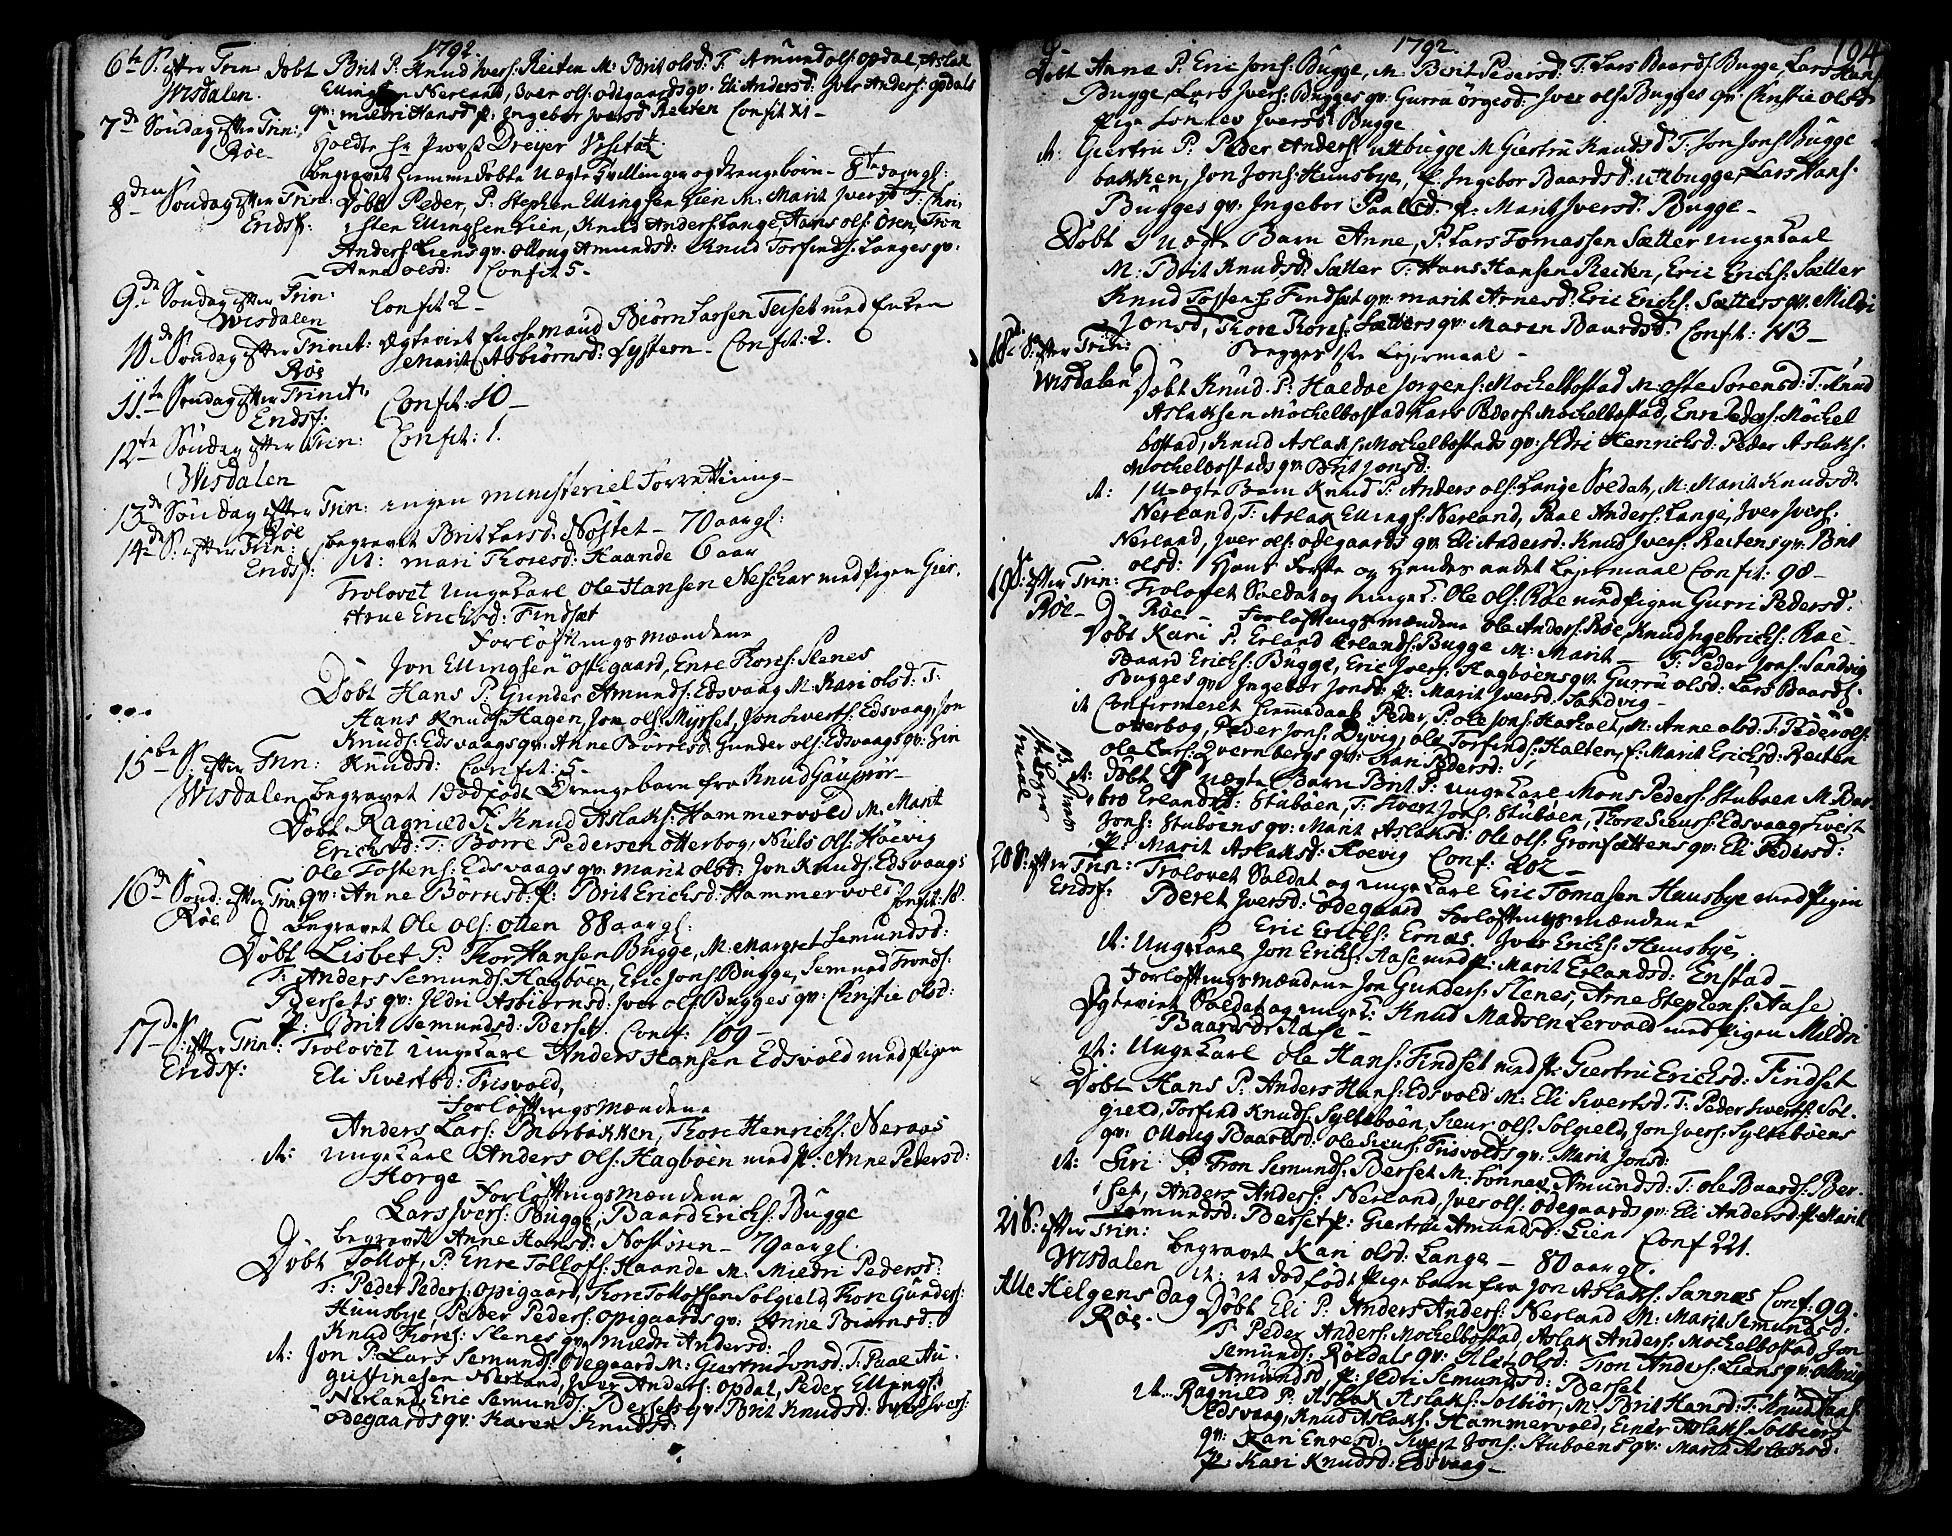 SAT, Ministerialprotokoller, klokkerbøker og fødselsregistre - Møre og Romsdal, 551/L0621: Ministerialbok nr. 551A01, 1757-1803, s. 194